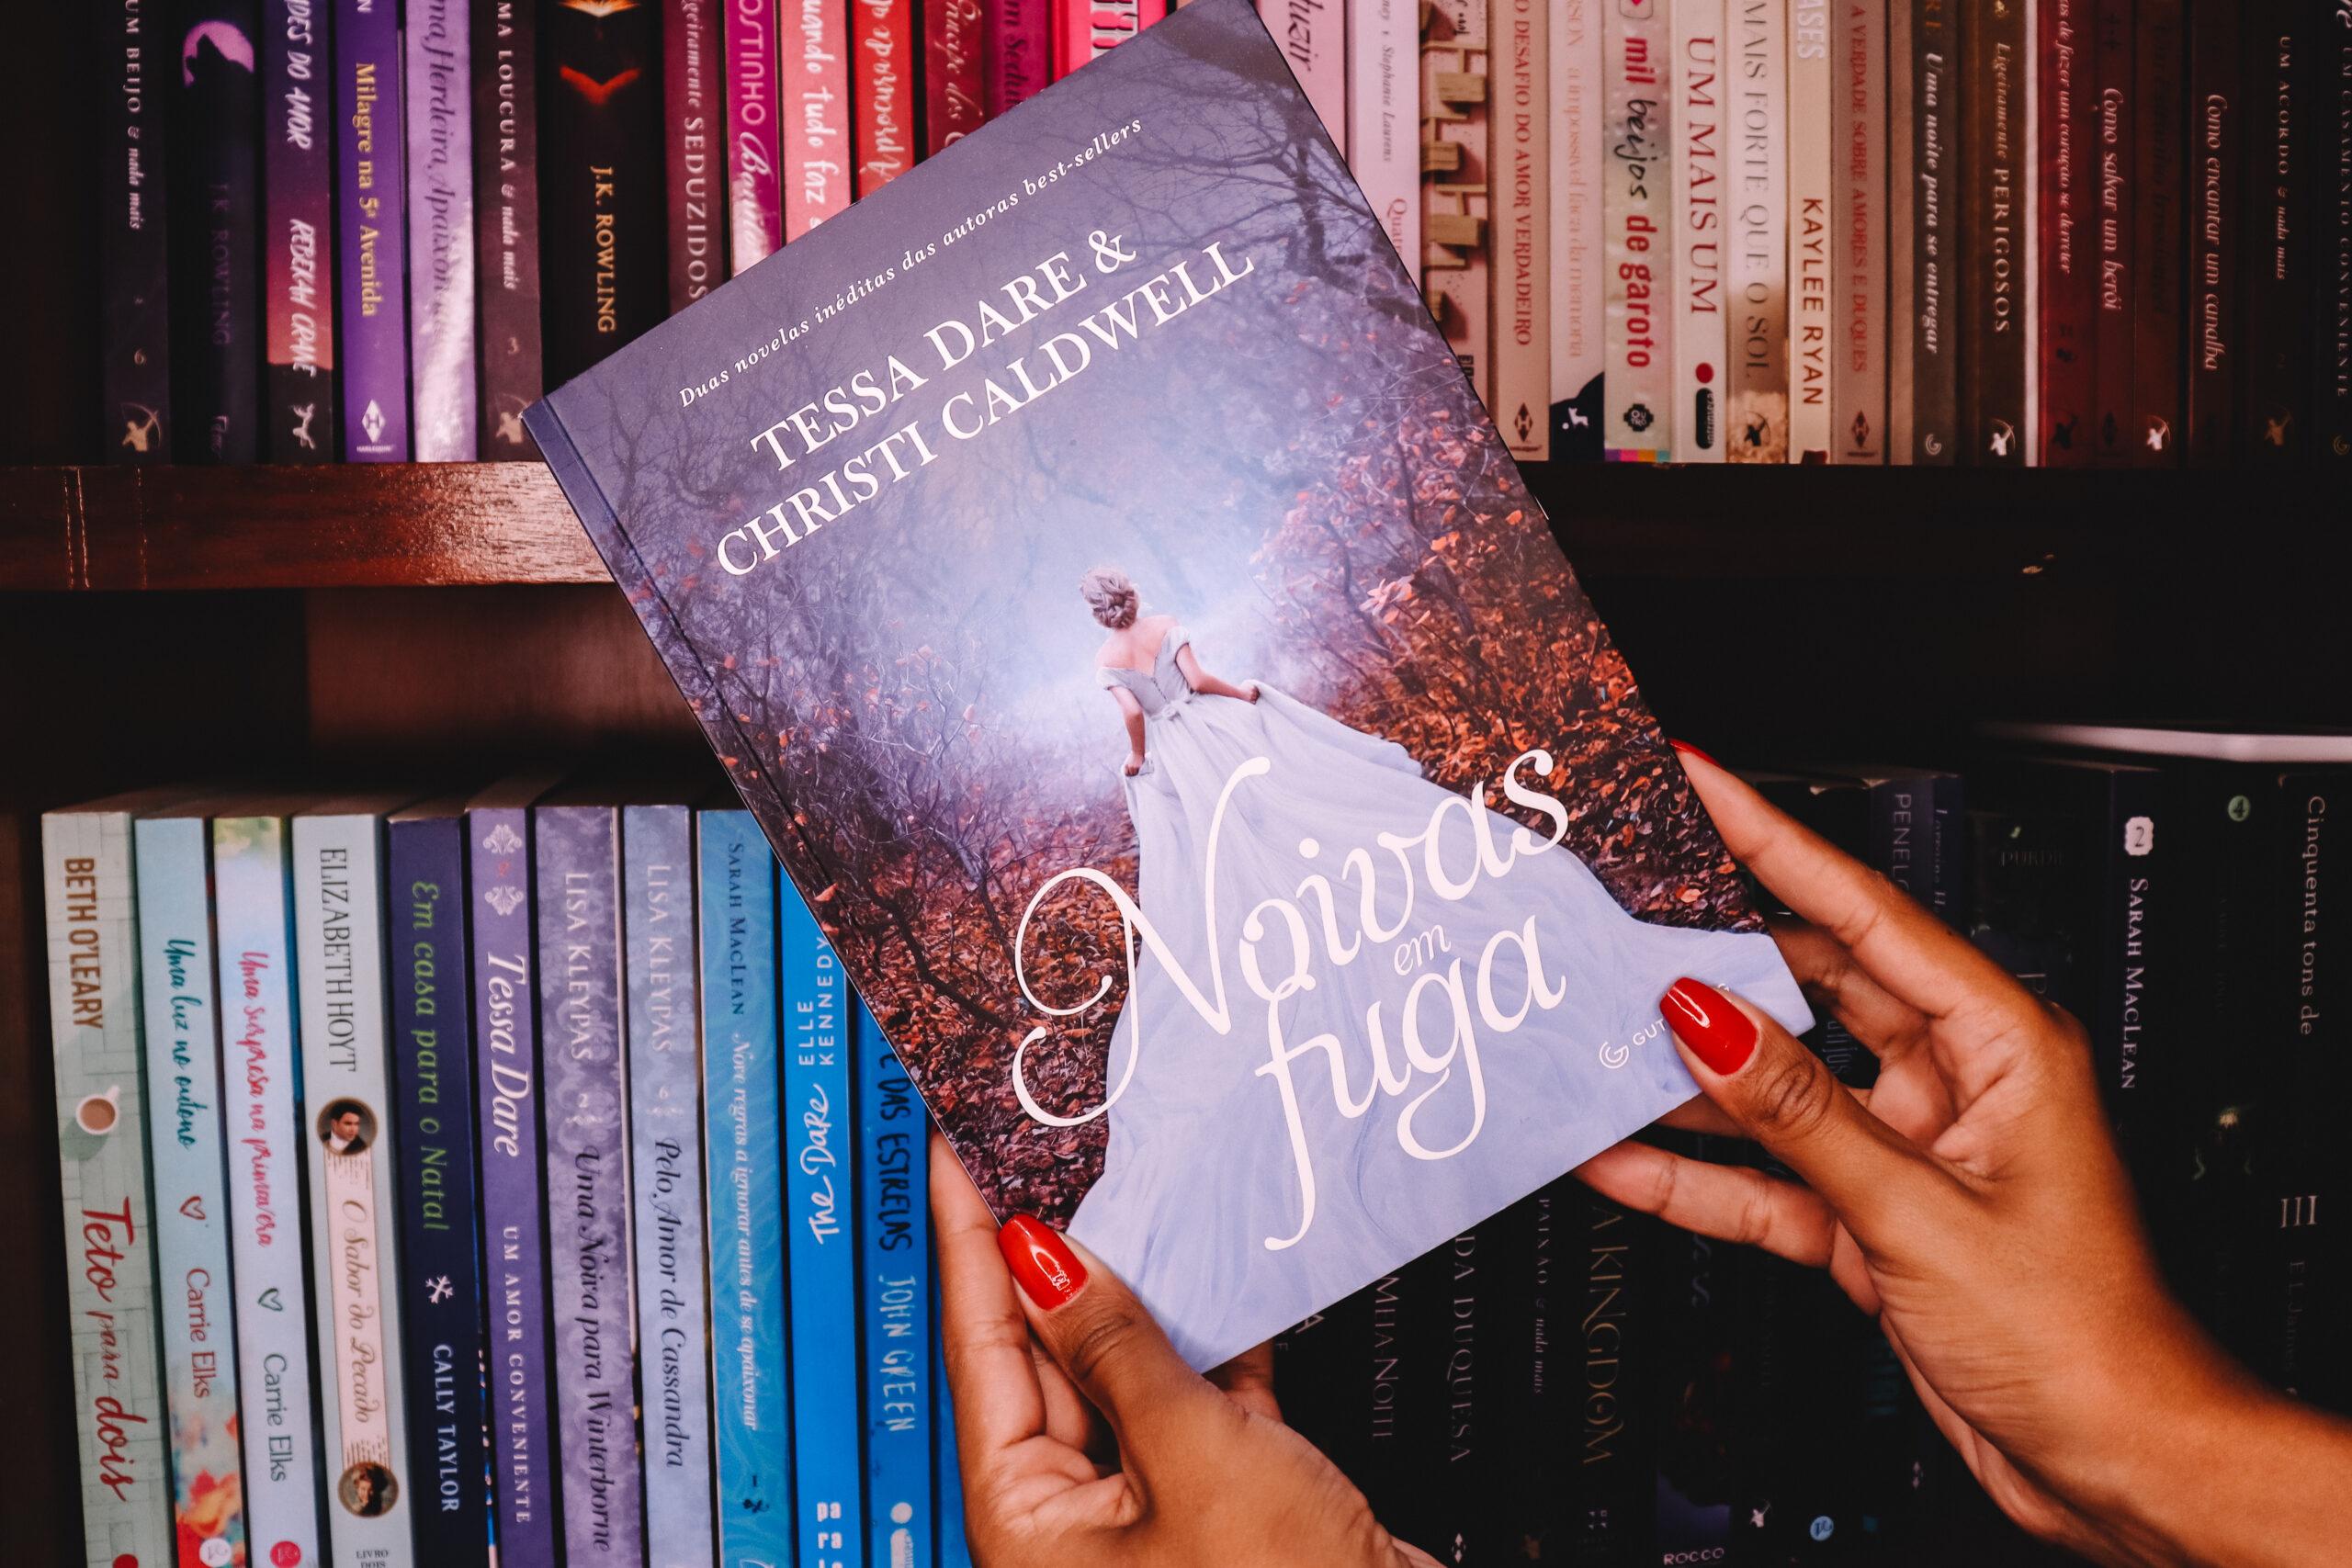 Noivas em fuga – Tessa Dare & Christi Caldwell | Resenha